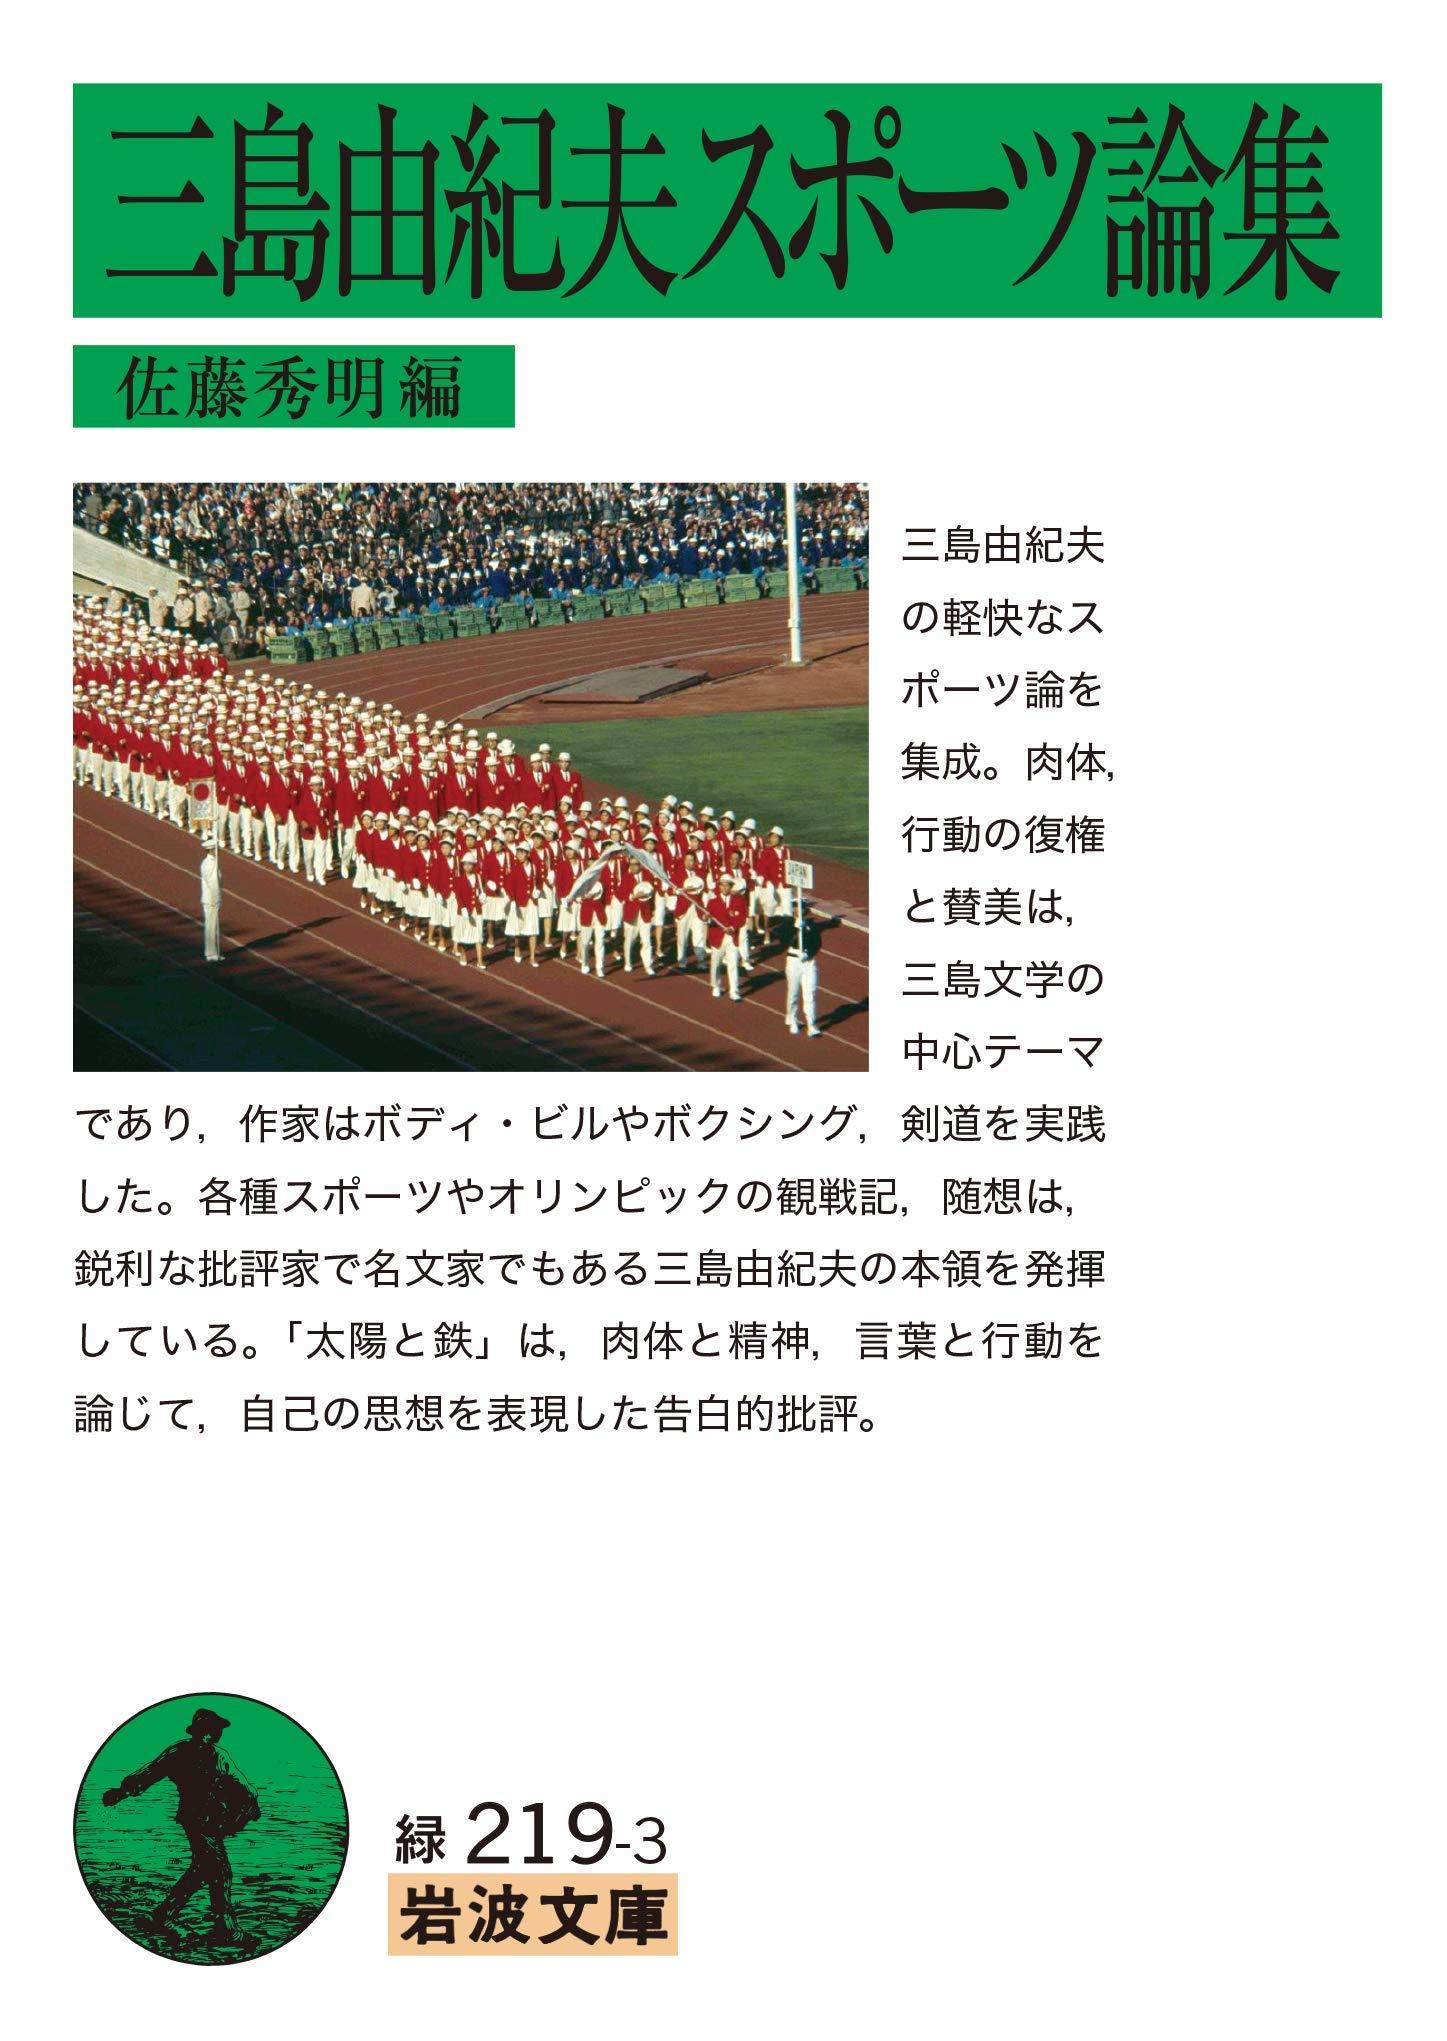 佐藤秀明編(2019)『三島由紀夫スポーツ論集』岩波文庫